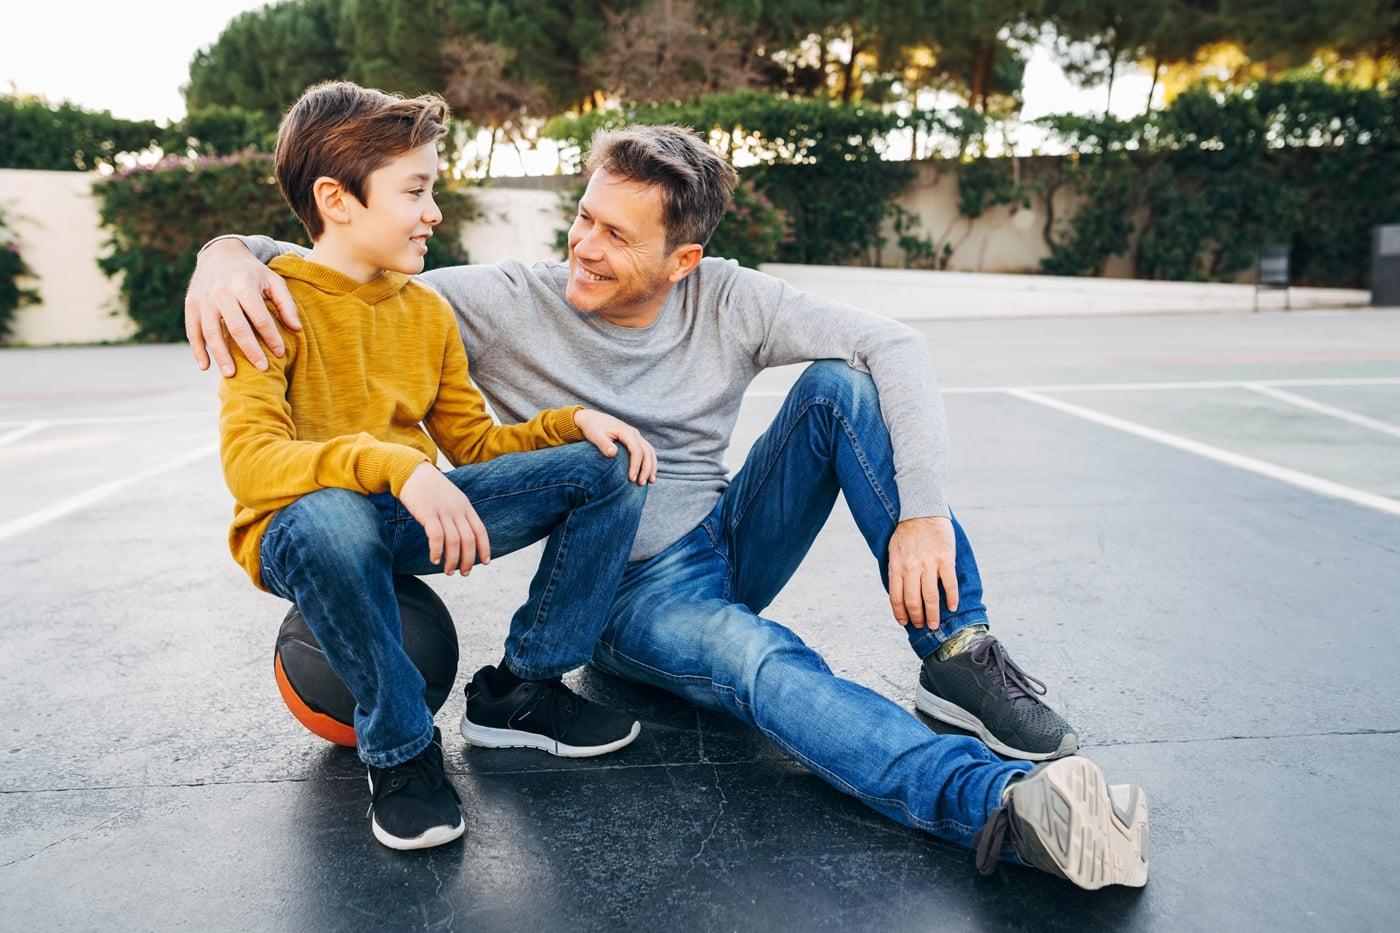 Frontschuss eines Vaters und seines Sohnes auf dem Basketballplatz